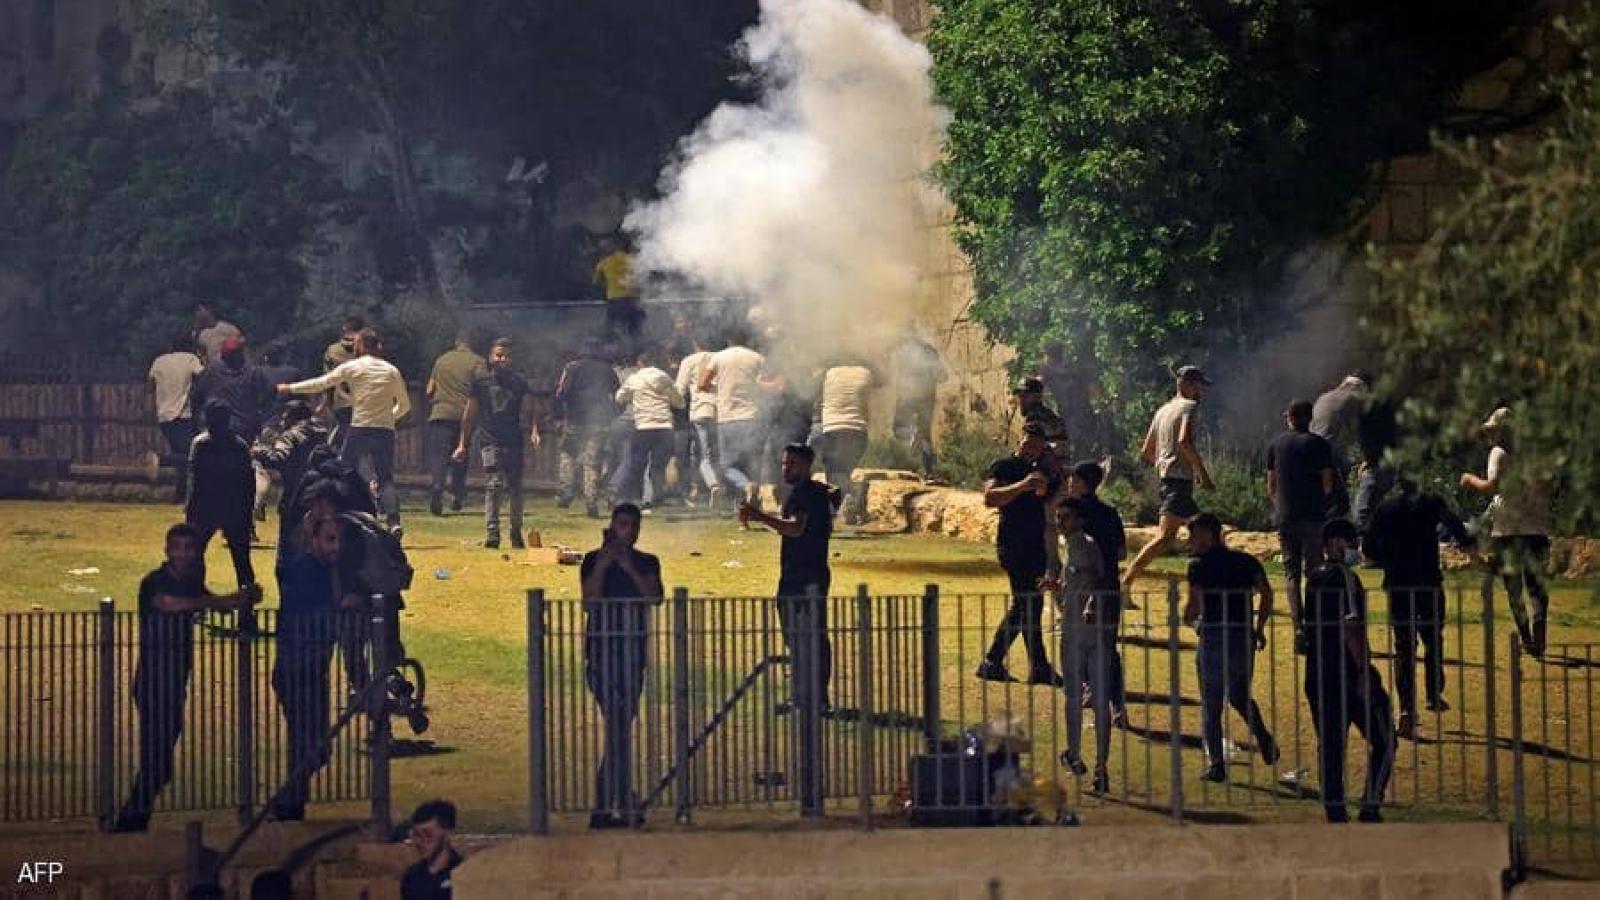 Cộng đồng quốc tế lo ngại tình trạng bạo lực gia tăng tại Jerusalem